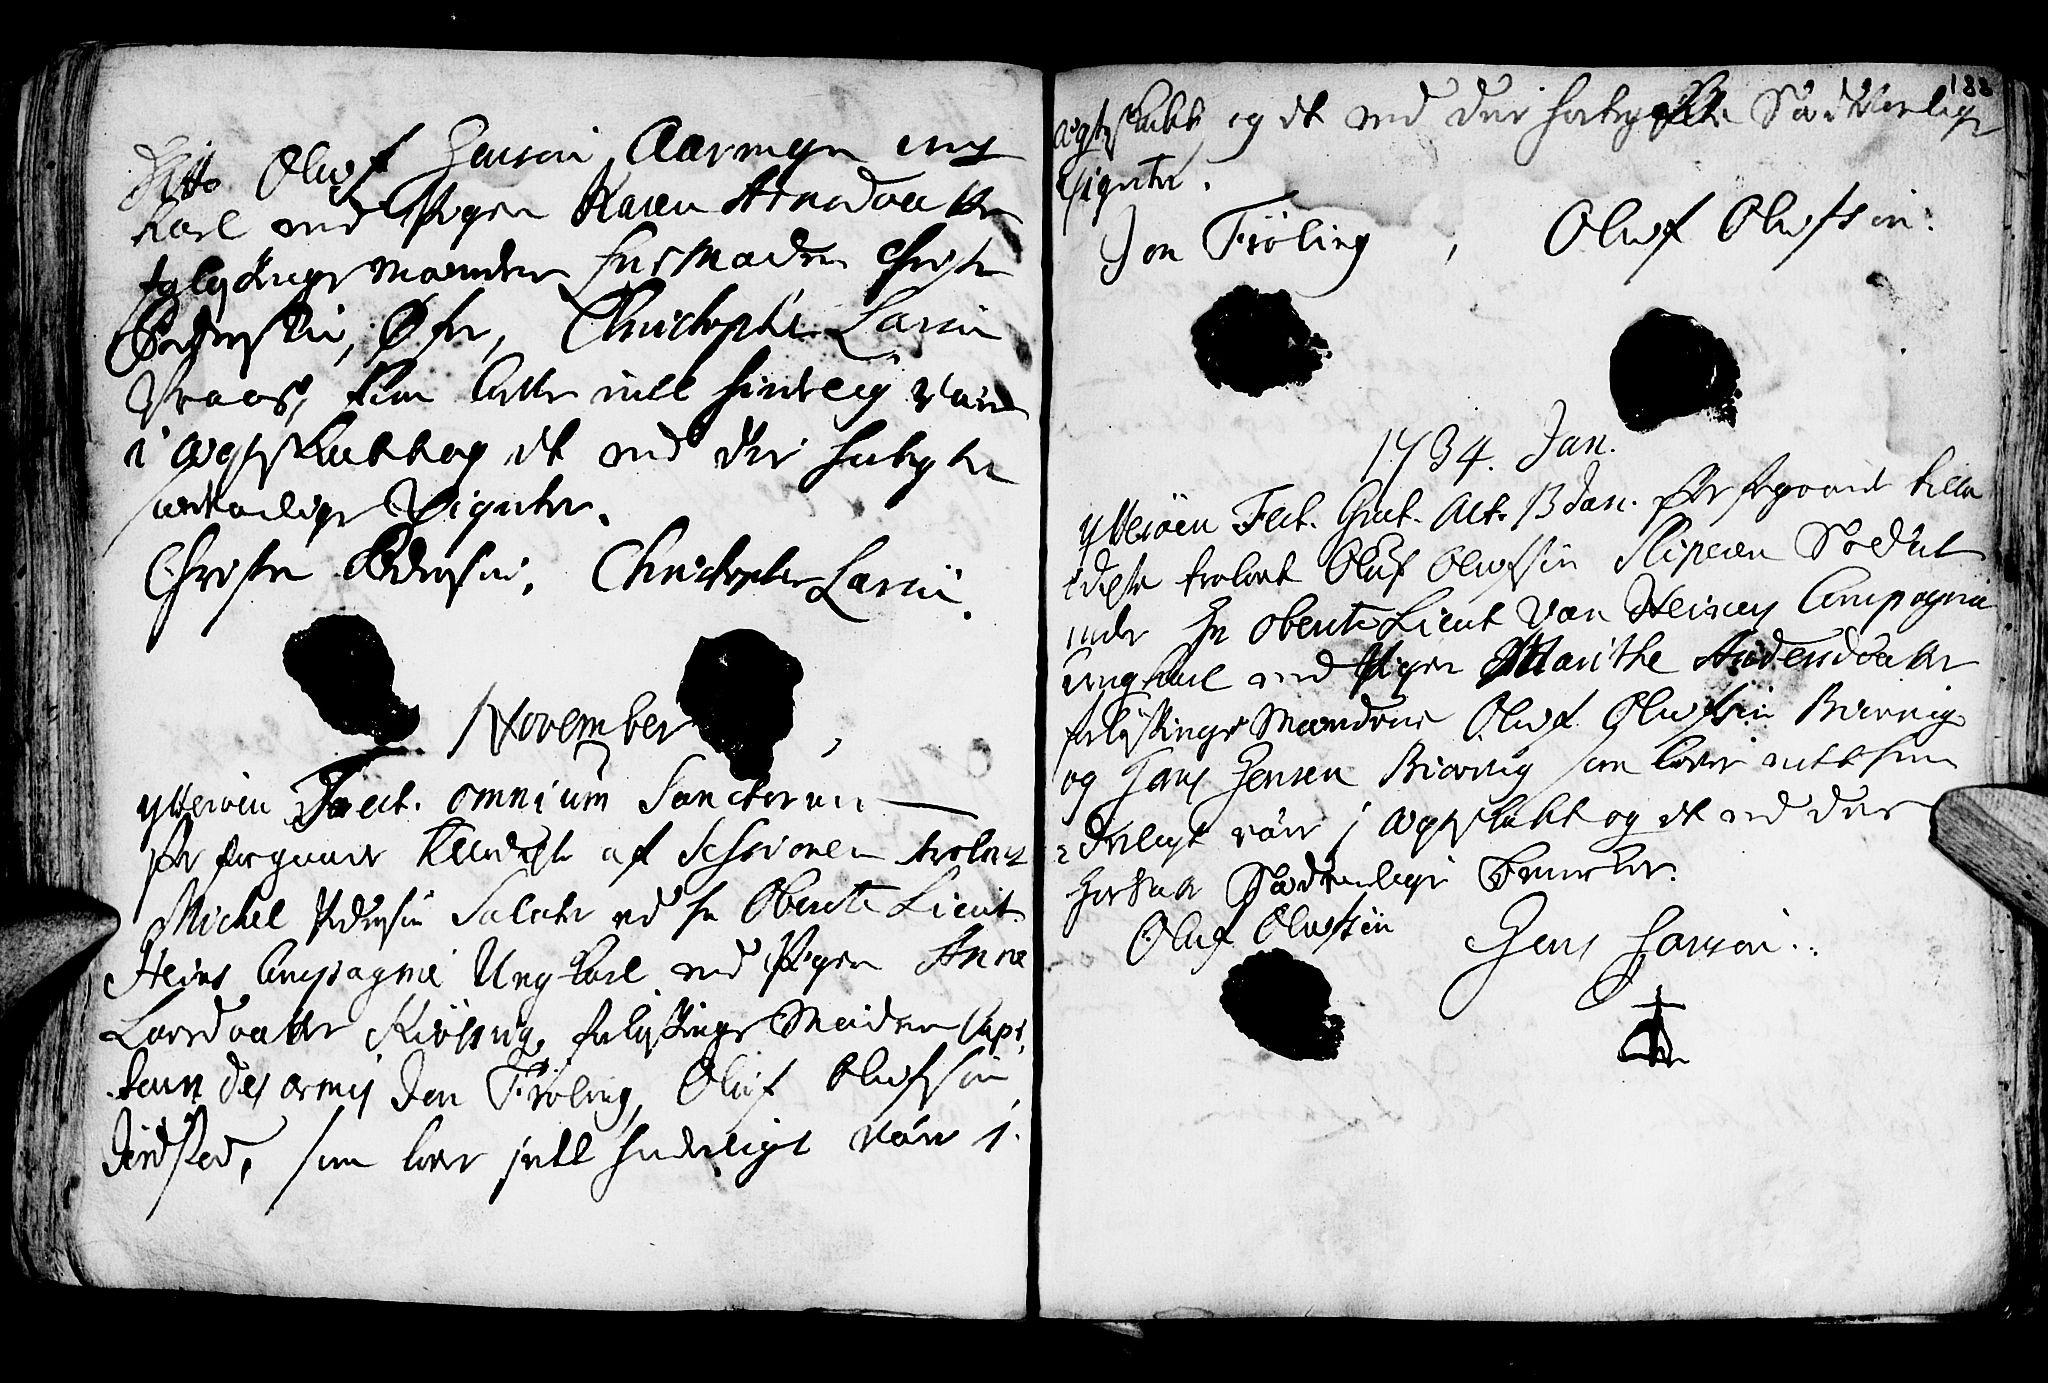 SAT, Ministerialprotokoller, klokkerbøker og fødselsregistre - Nord-Trøndelag, 722/L0215: Ministerialbok nr. 722A02, 1718-1755, s. 188